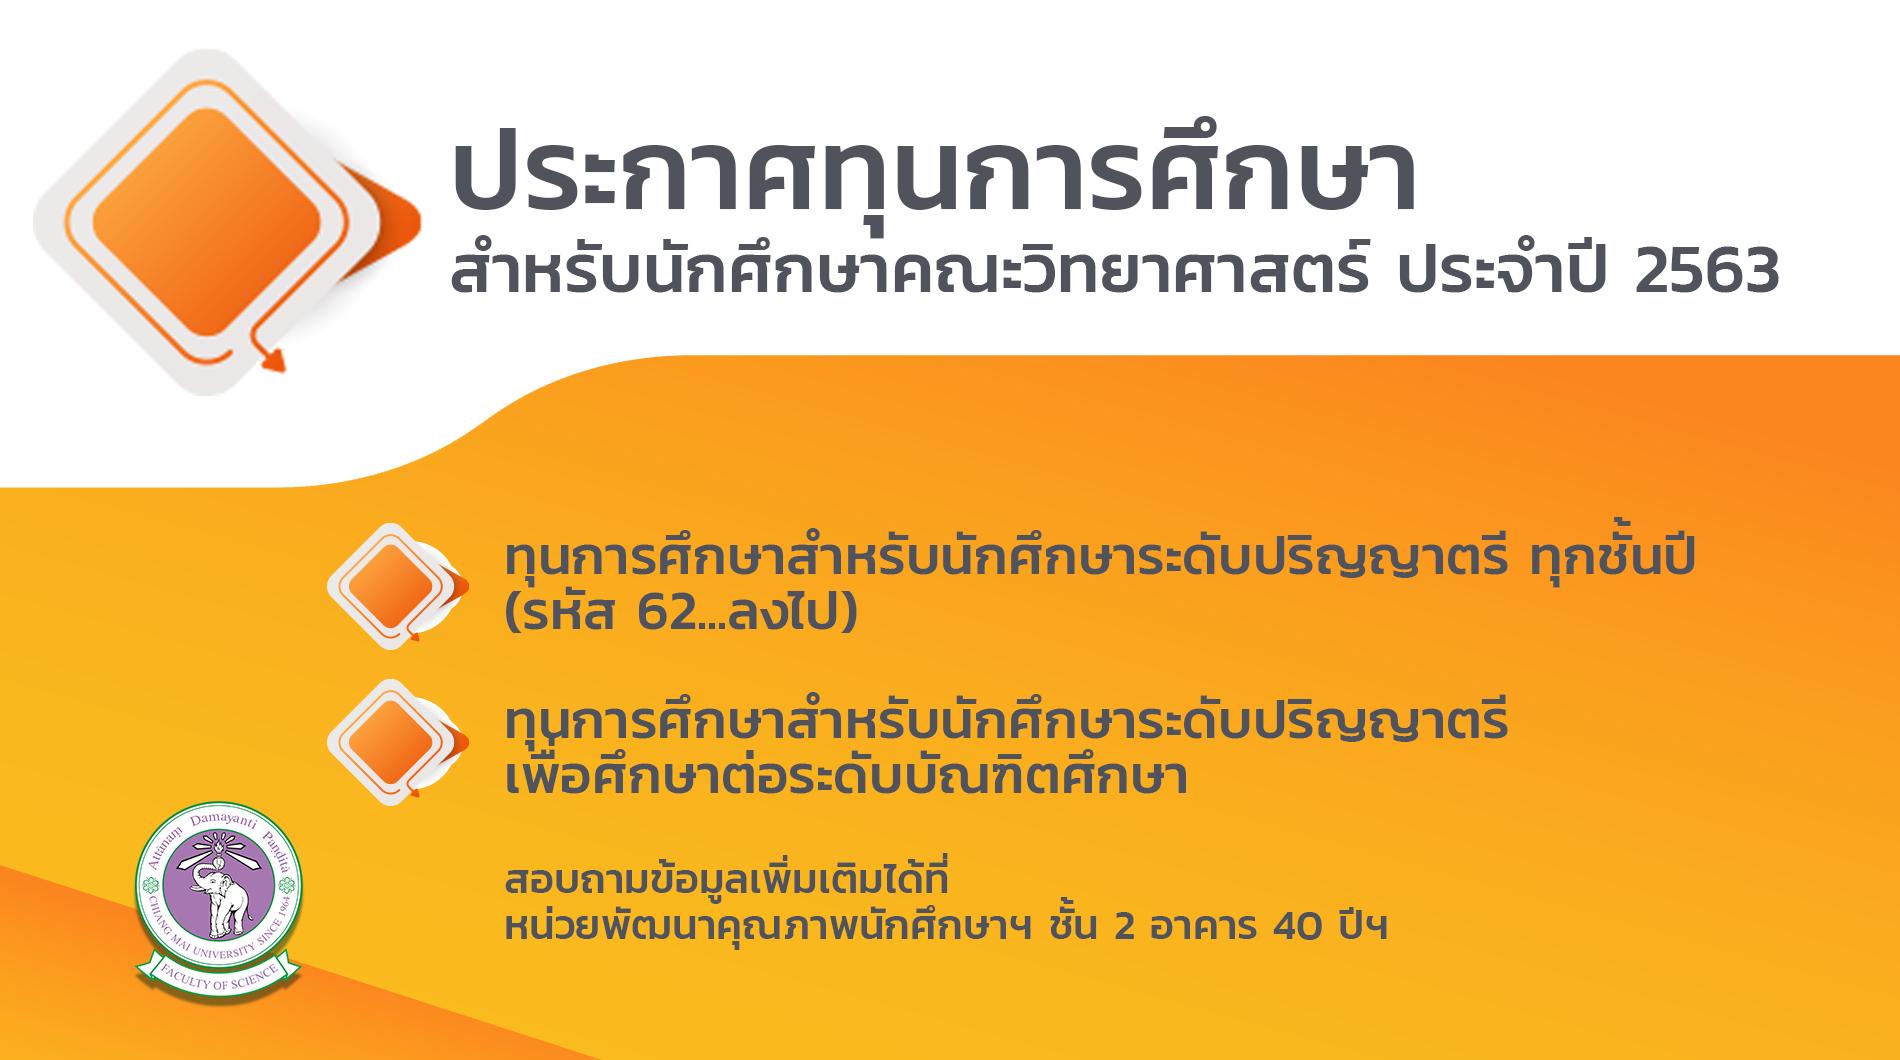 ประกาศทุนการศึกษาสำหรับนักศึกษาคณะวิทยาศาสตร์ ประจำปี 2563